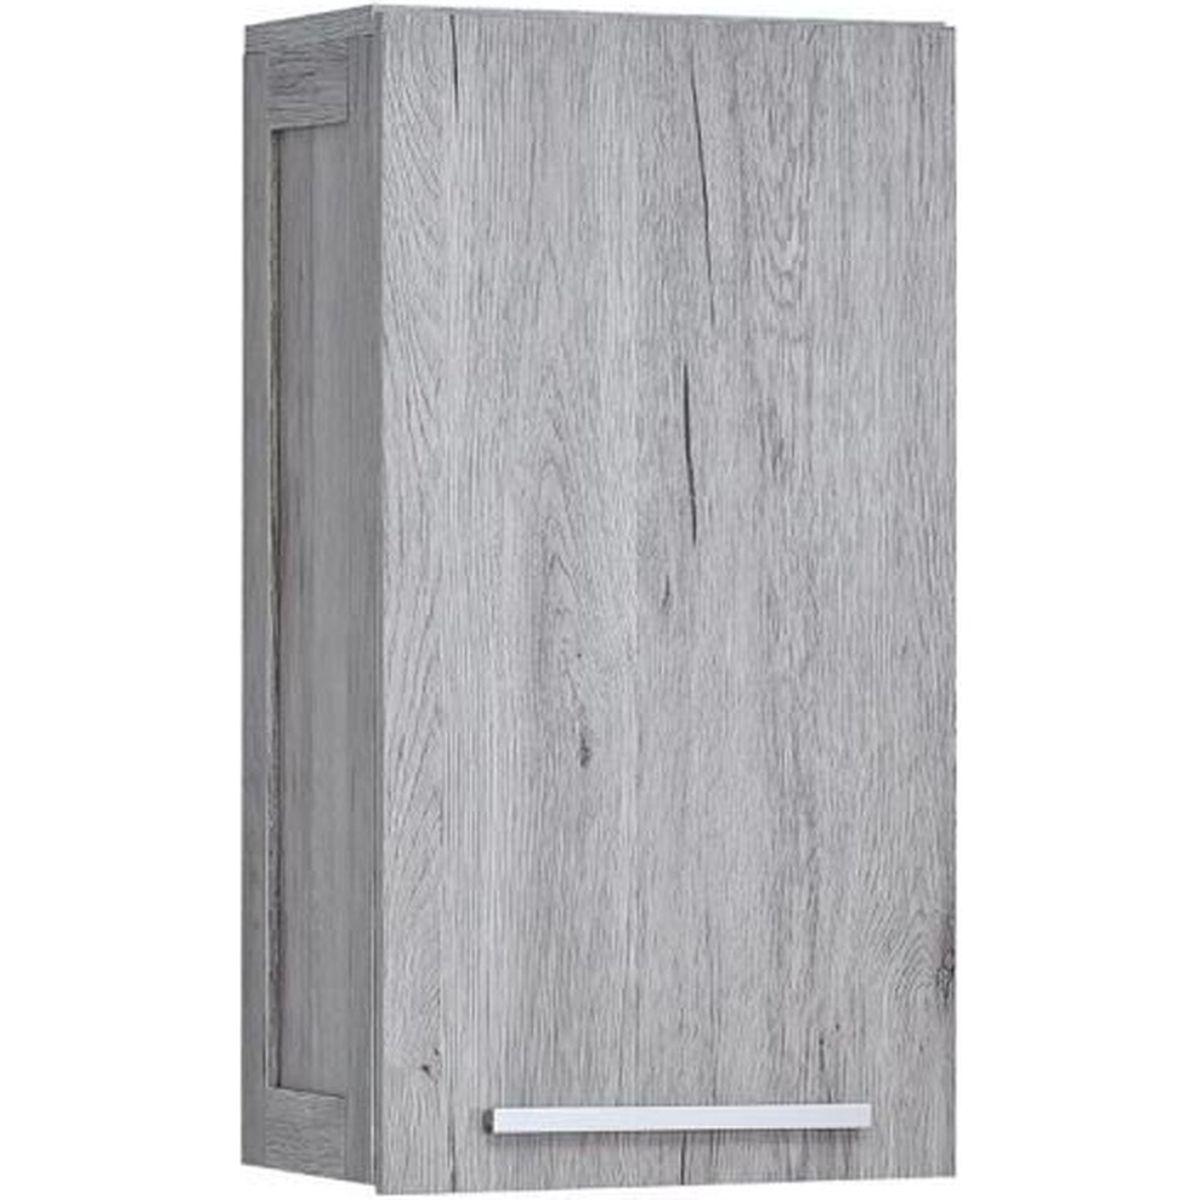 Meuble salle de bain bois gris - Achat / Vente pas cher